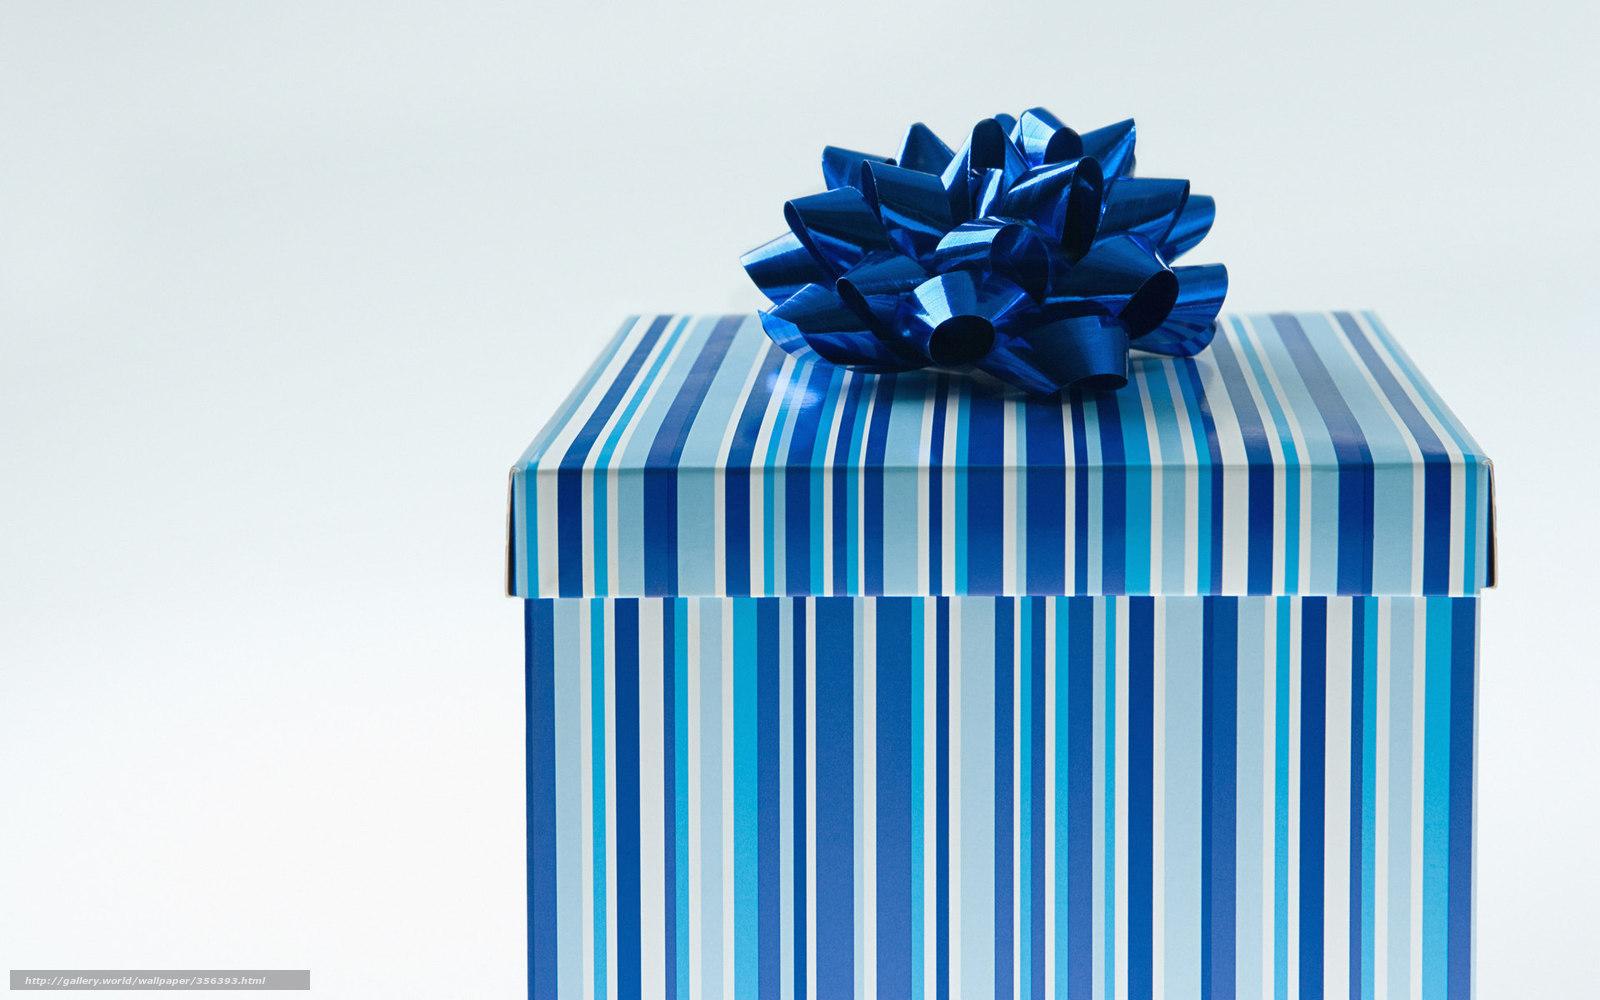 descargar gratis regalos navideos regalo fondos de escritorio en la resolucin x u imagen